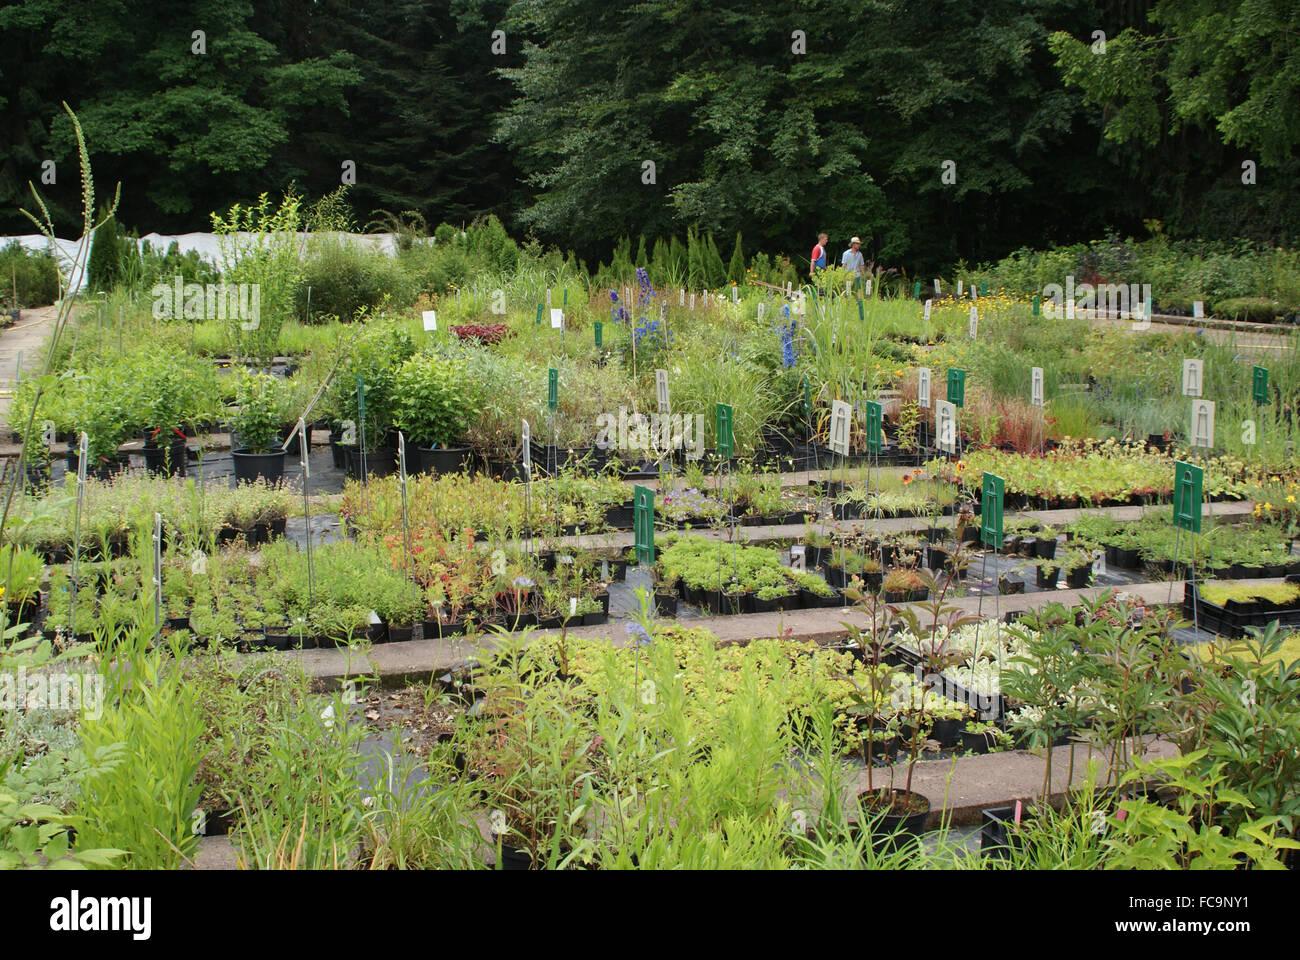 Herb nursery - Stock Image